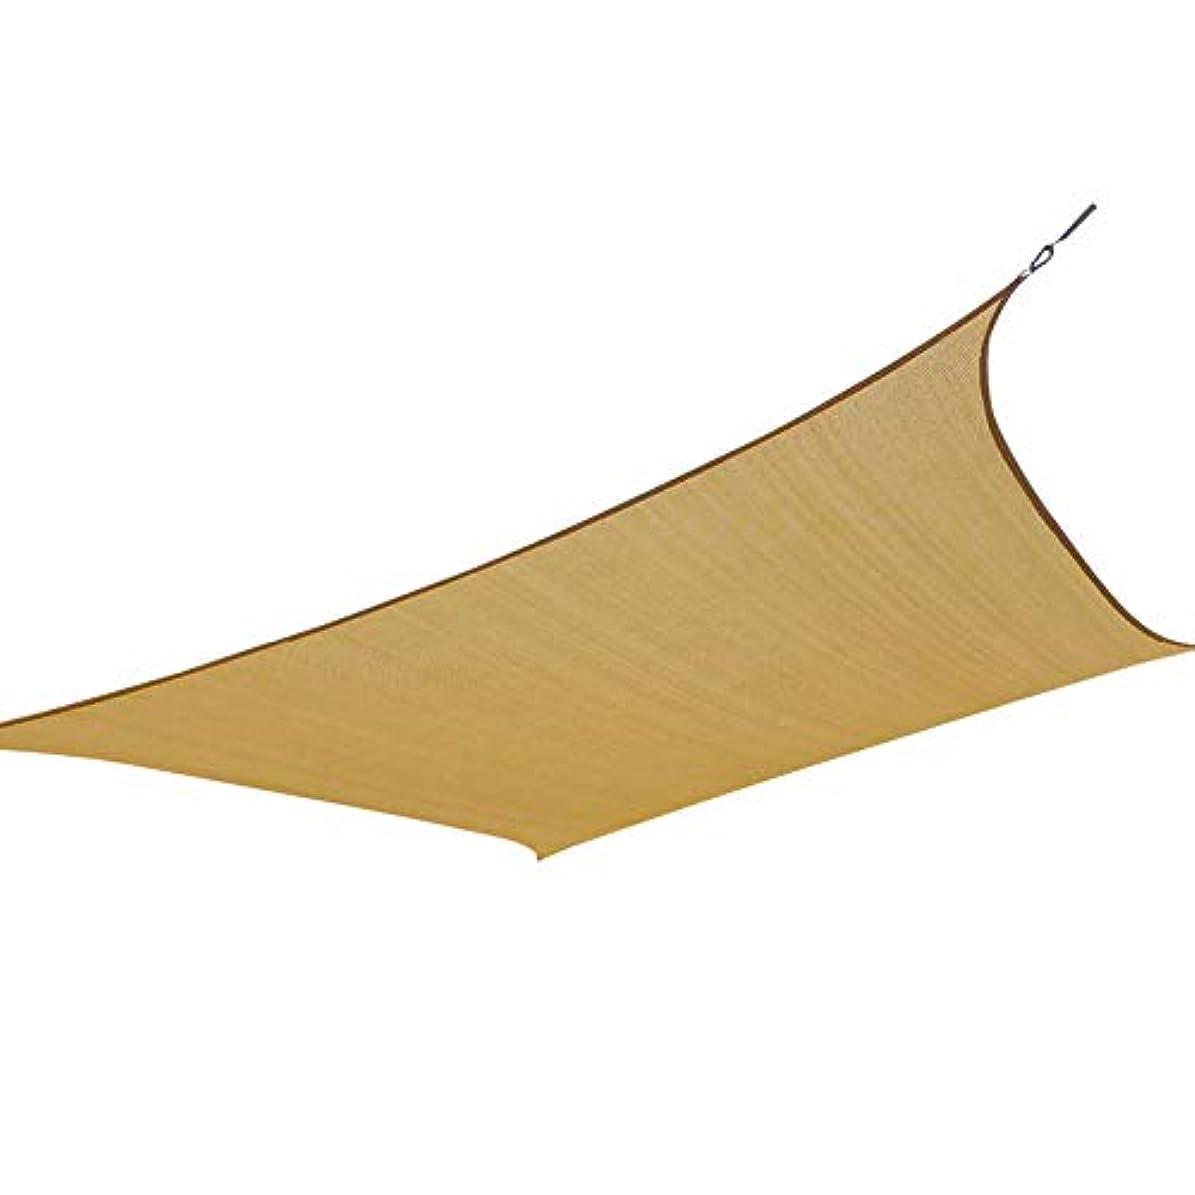 固める不規則性マークされたHappysource 3×4メートル/ 4×4メートル紫外線保護70%防水オックスフォード布屋外日焼け止め日焼け止めネット